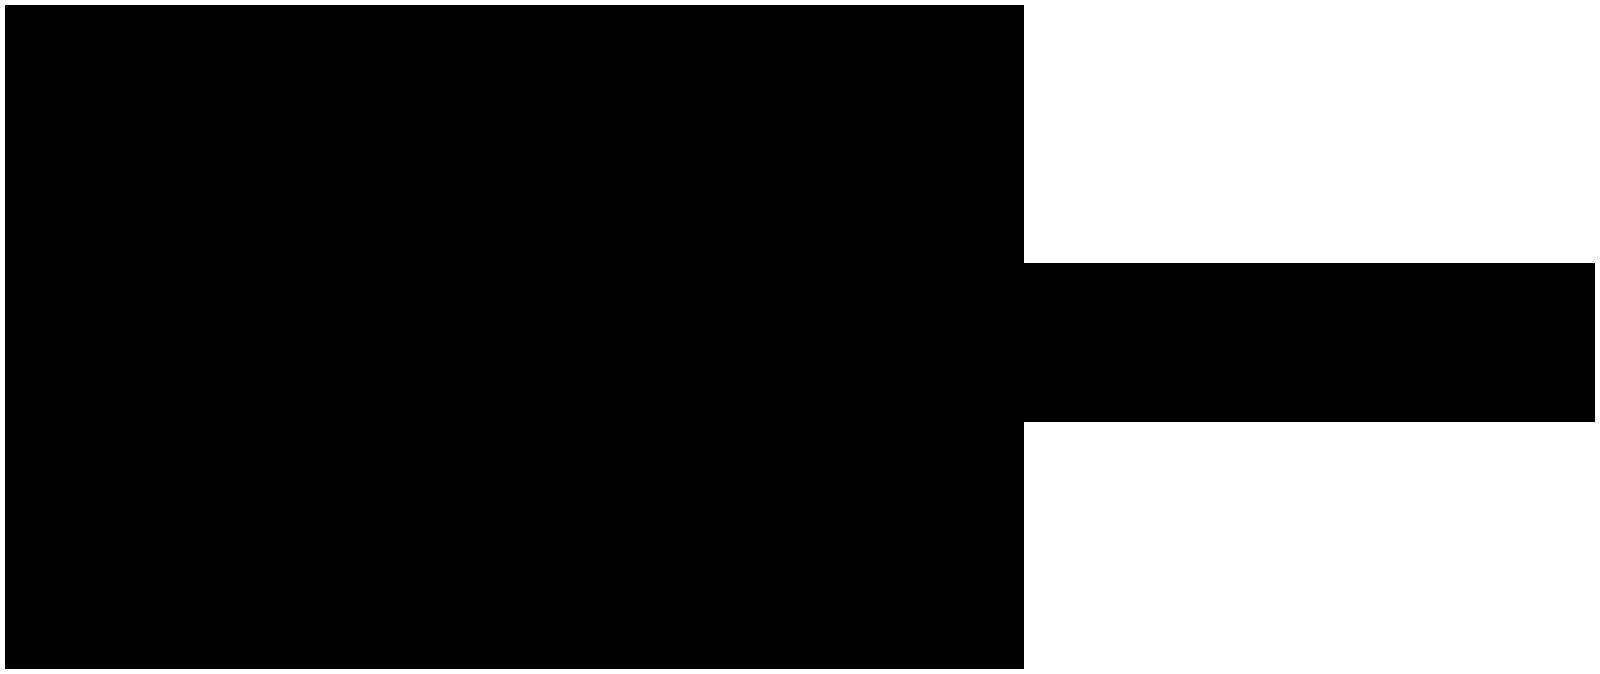 Logo from Hewlett Packard / HP Entreprise